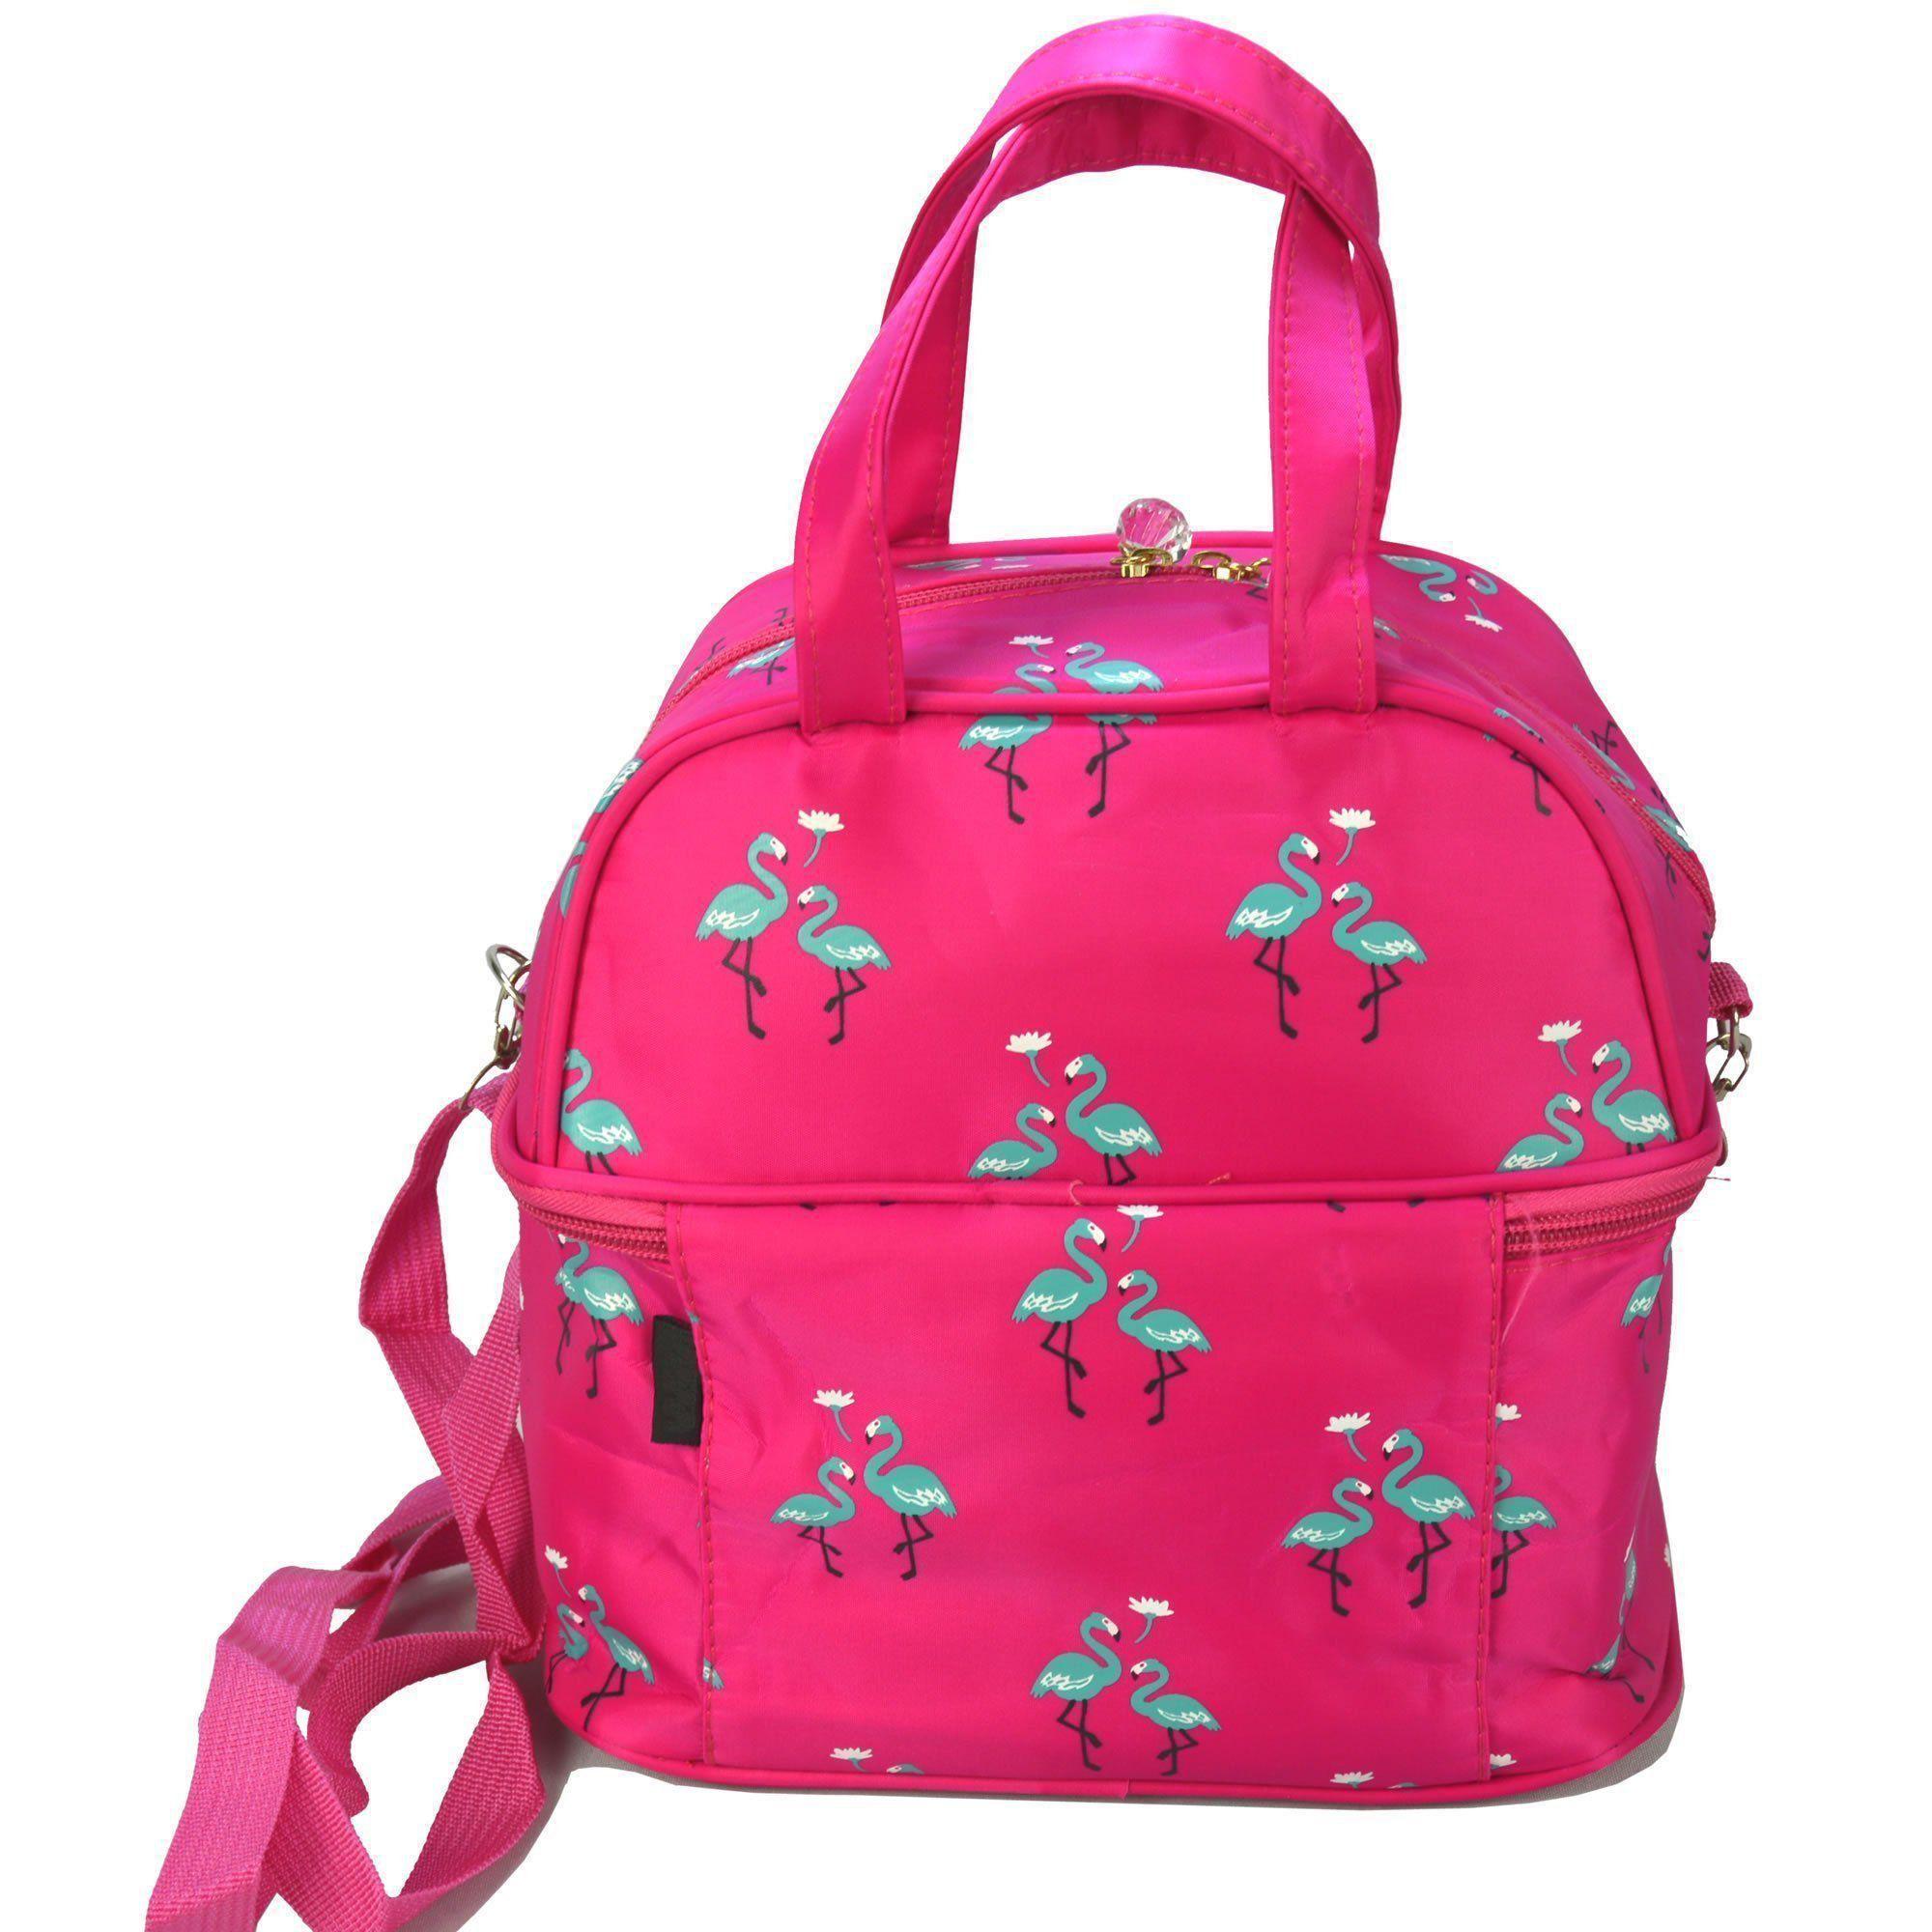 Necessaire Feminina Bolsa Térmica Pink CBRN05857